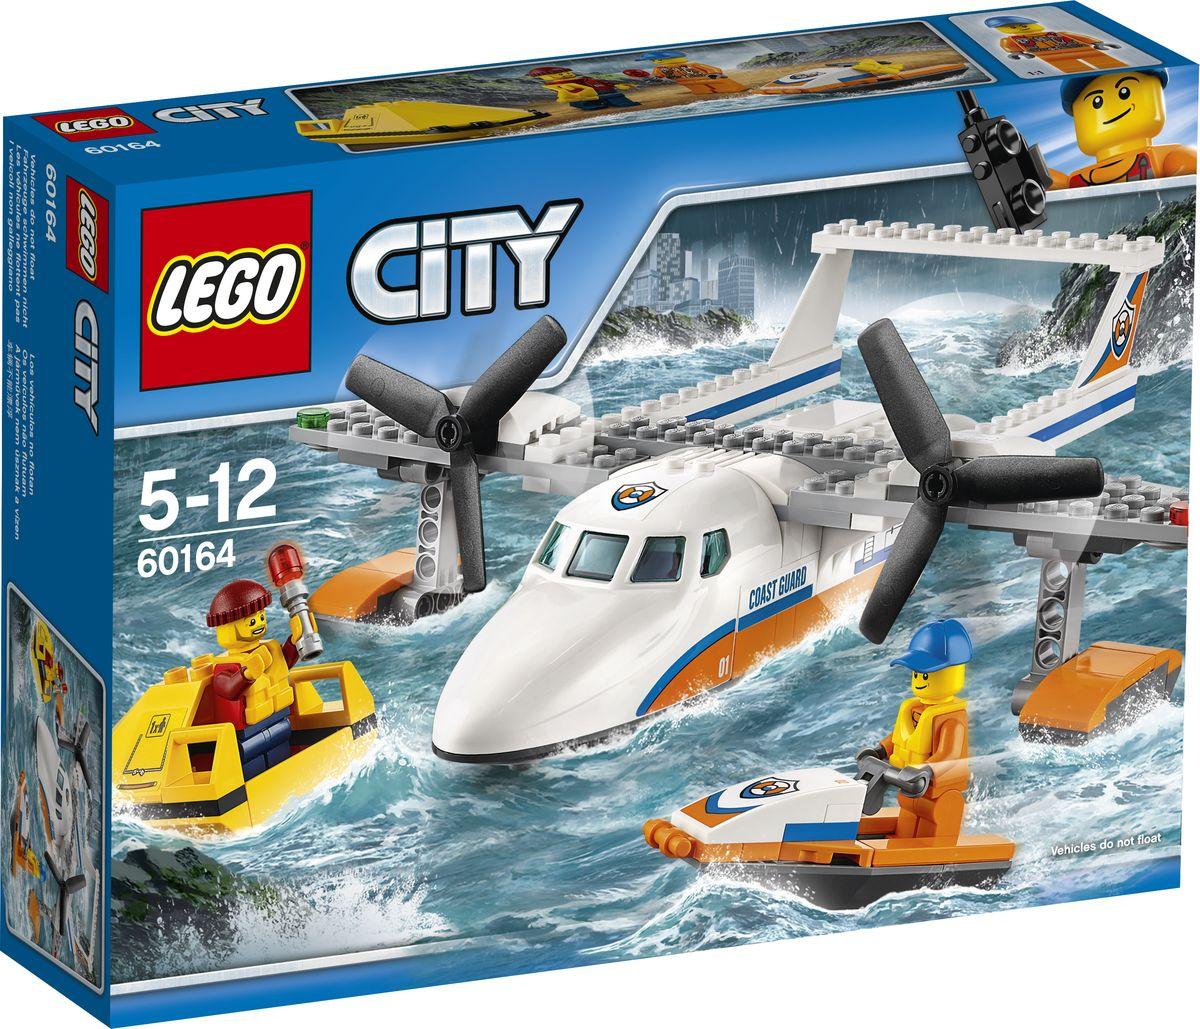 цена на LEGO City Coast Guard 60164 Спасательный самолет береговой охраны Конструктор